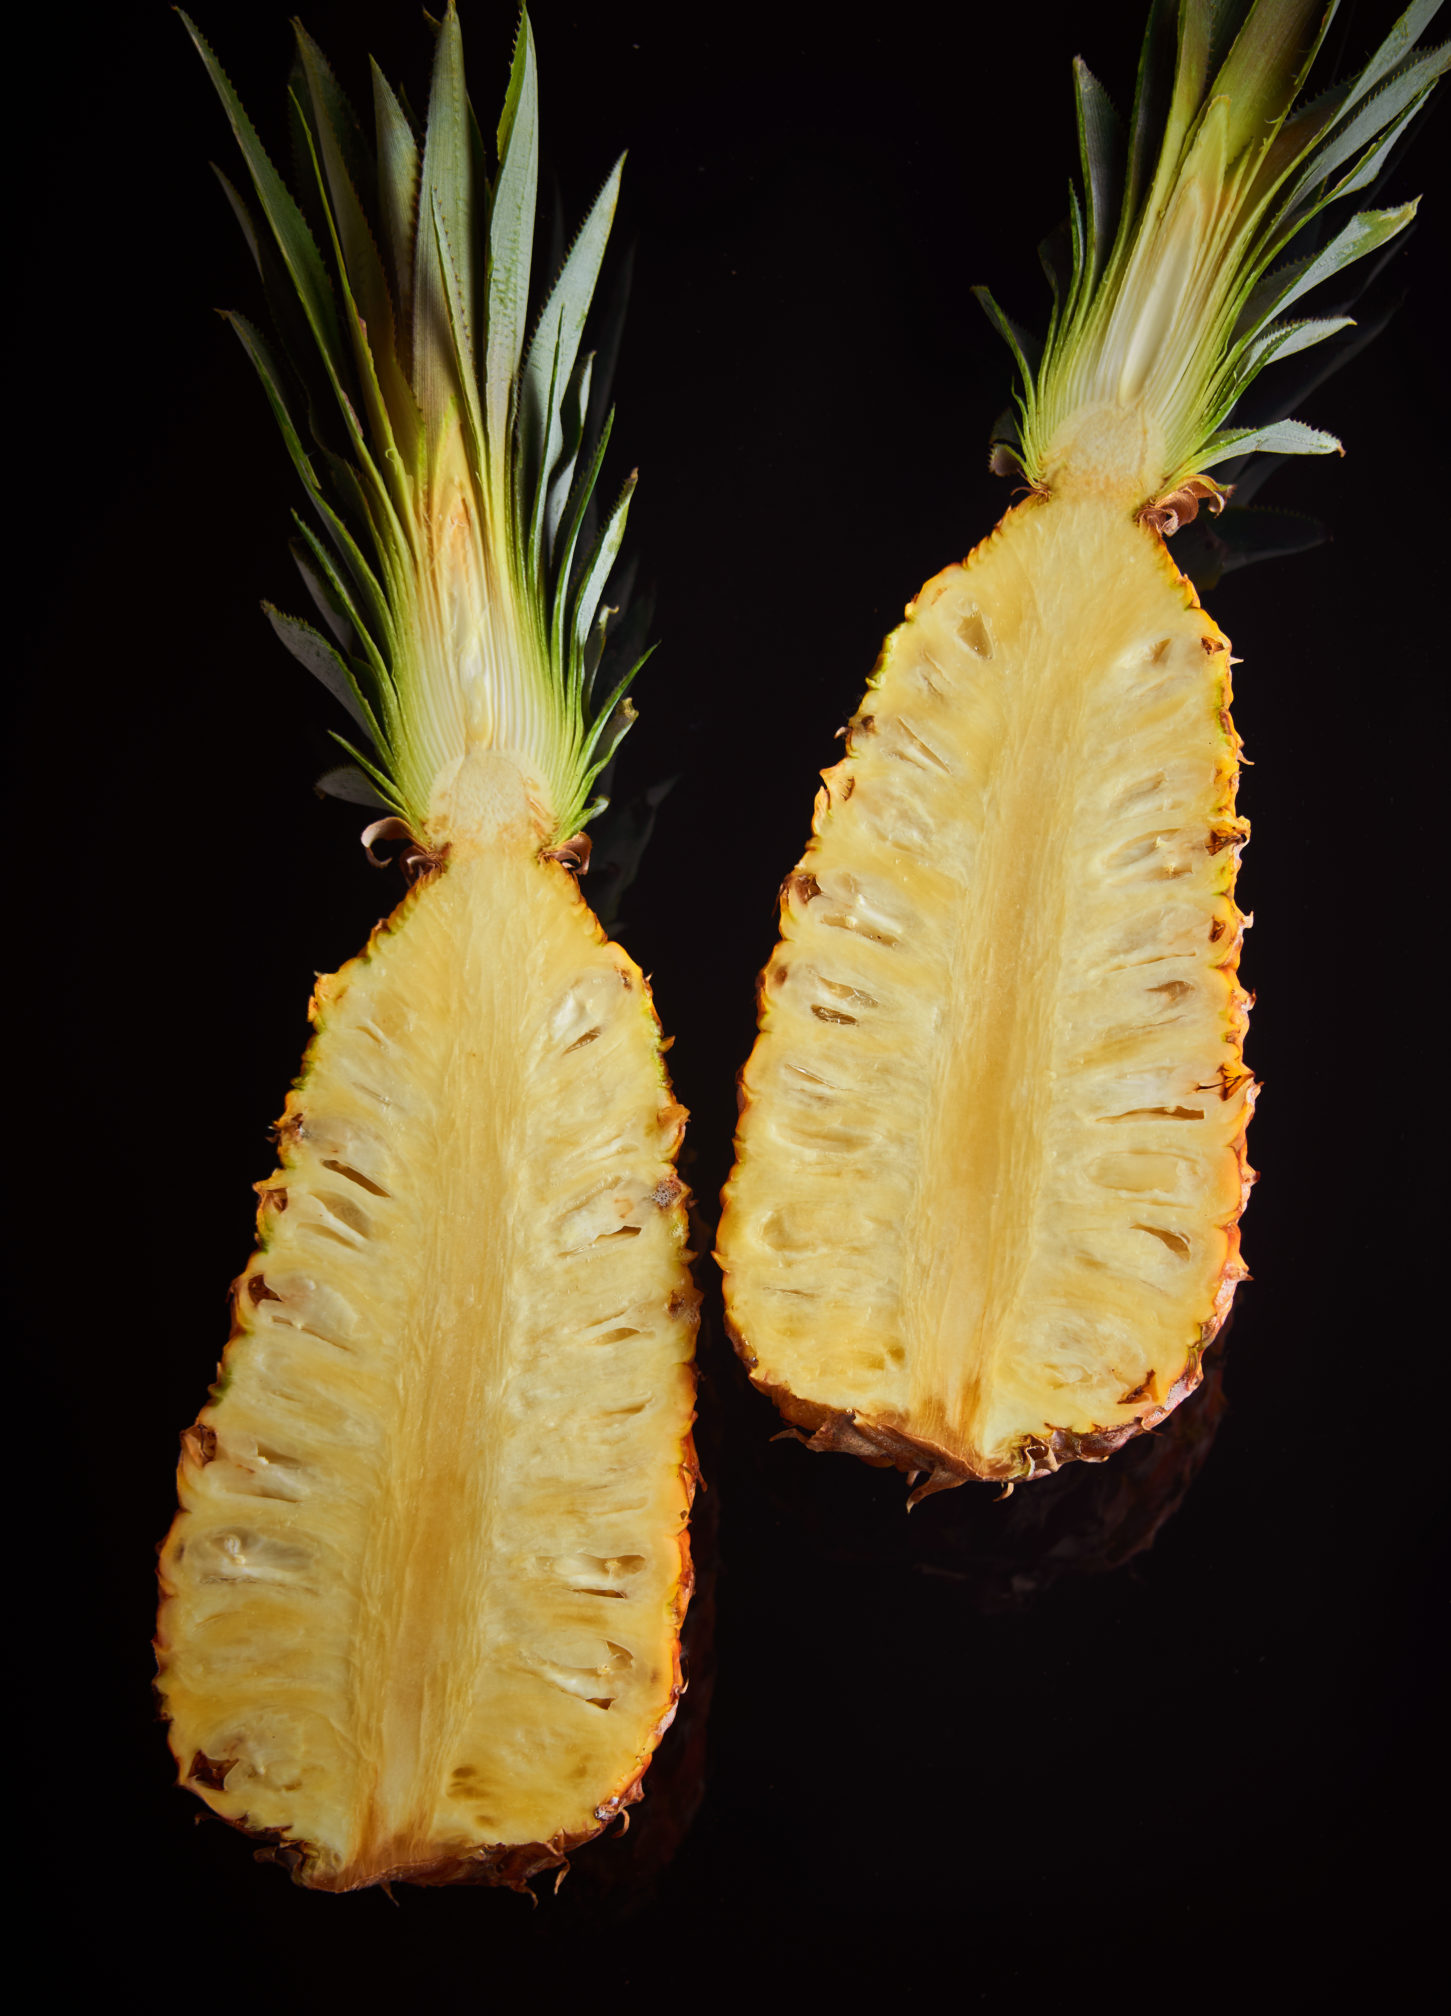 lilot-fruits-ananas-pain-de-sucre-togo-benin-ghana